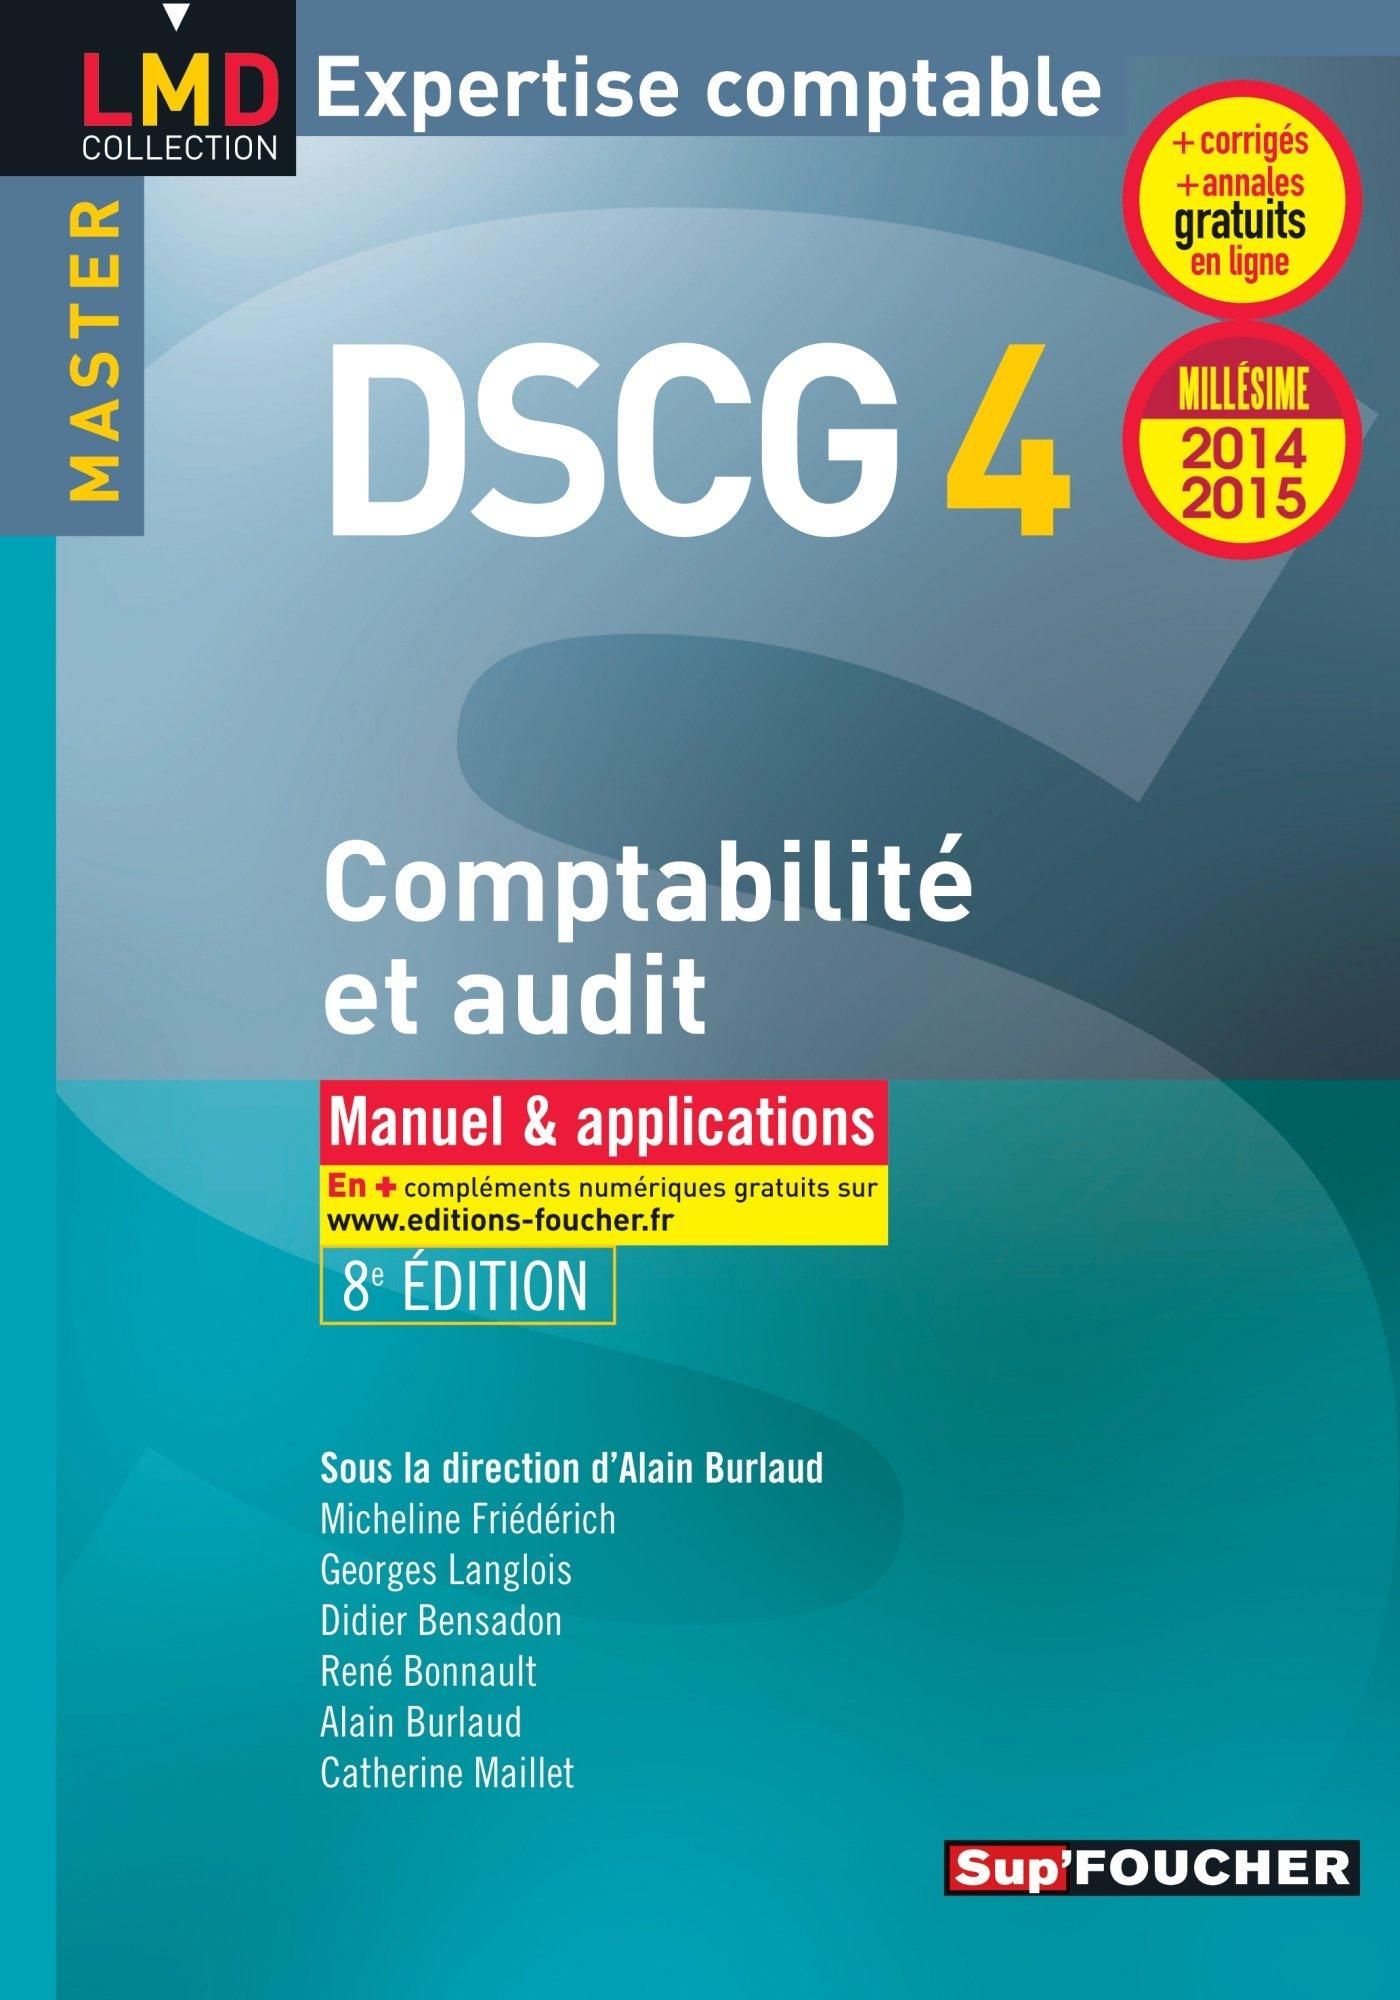 DSCG : une formation qui vous permet d'accéder au niveau bac + 5